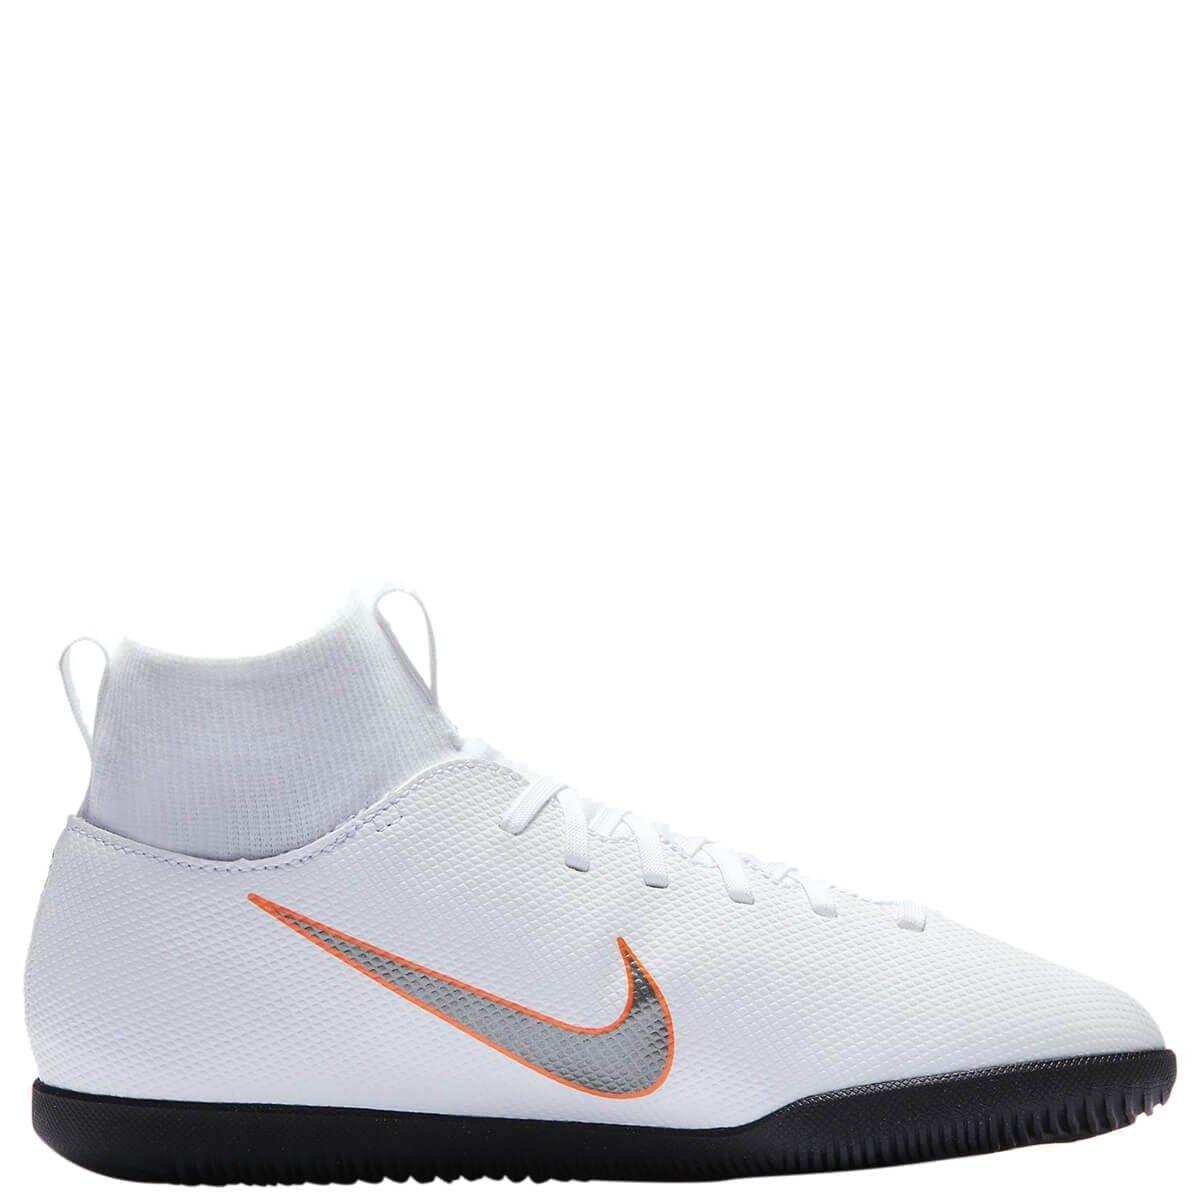 49696572d812b Bizz Store - Chuteira Futsal Infantil Nike Superfly X 6 Club